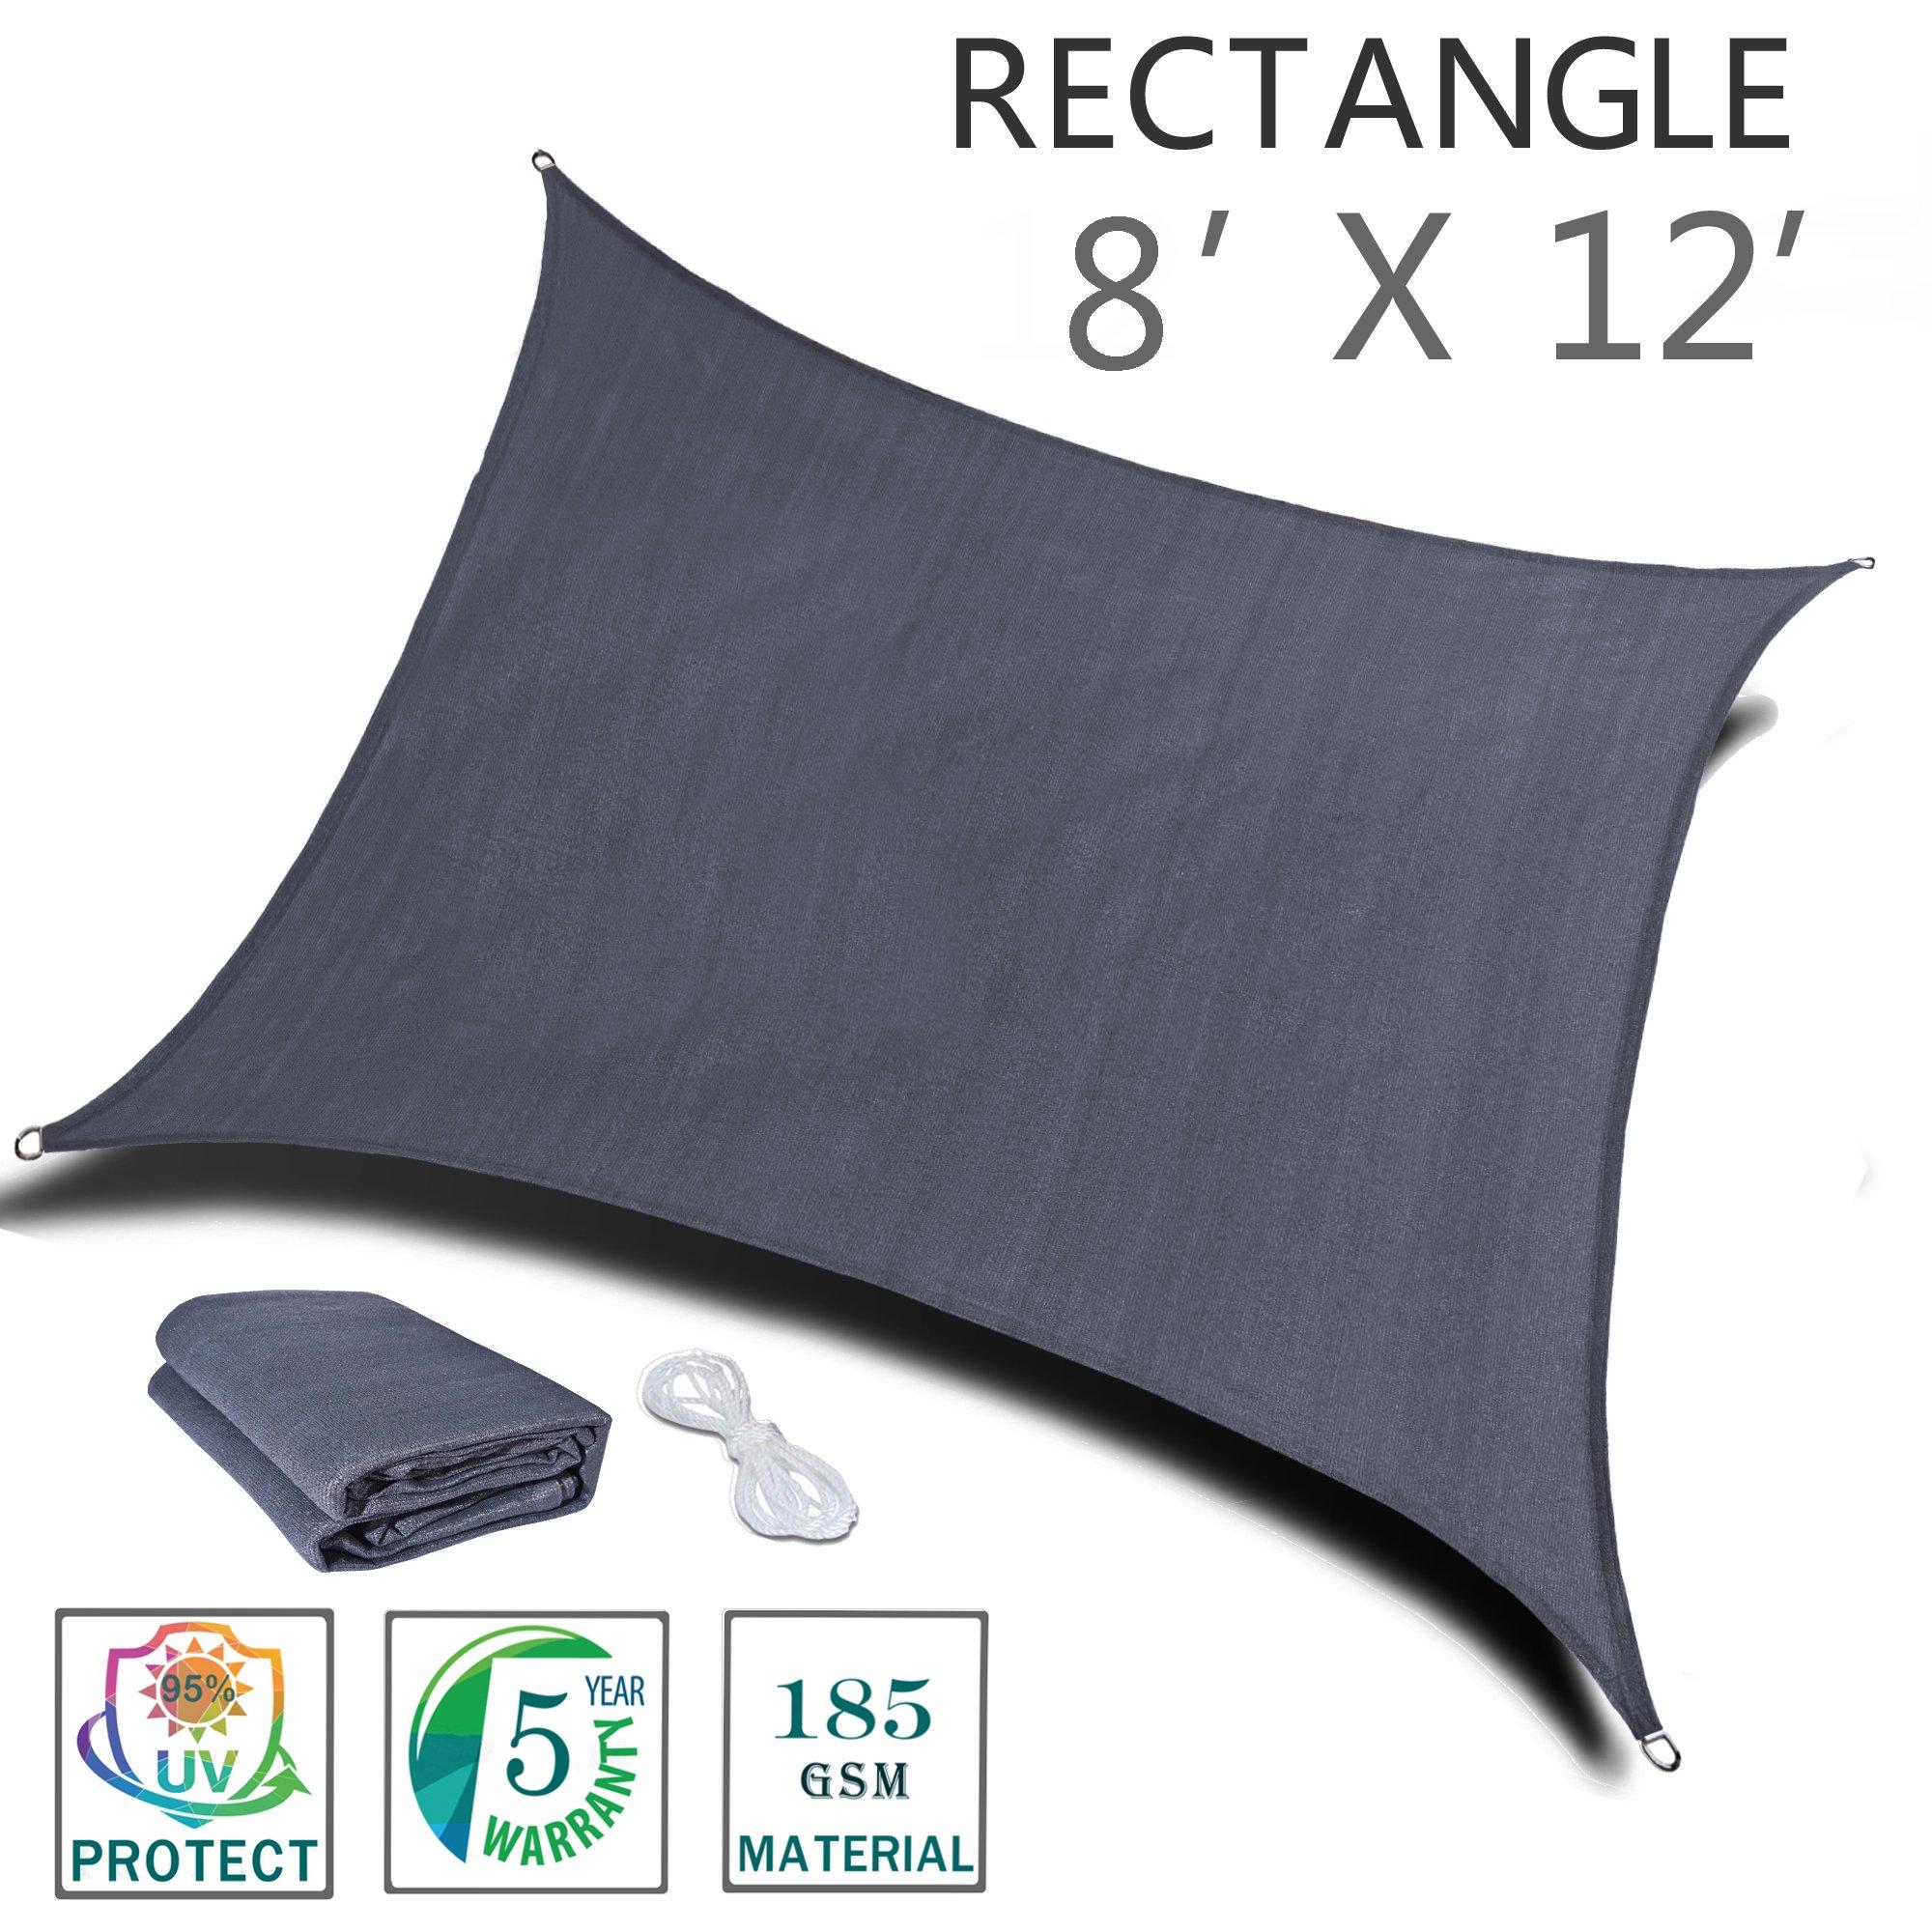 SUNNY GUARD 8' x 12' Charcoal Rectangle Sun Shade Sail UV Block for Outdoor Patio Garden